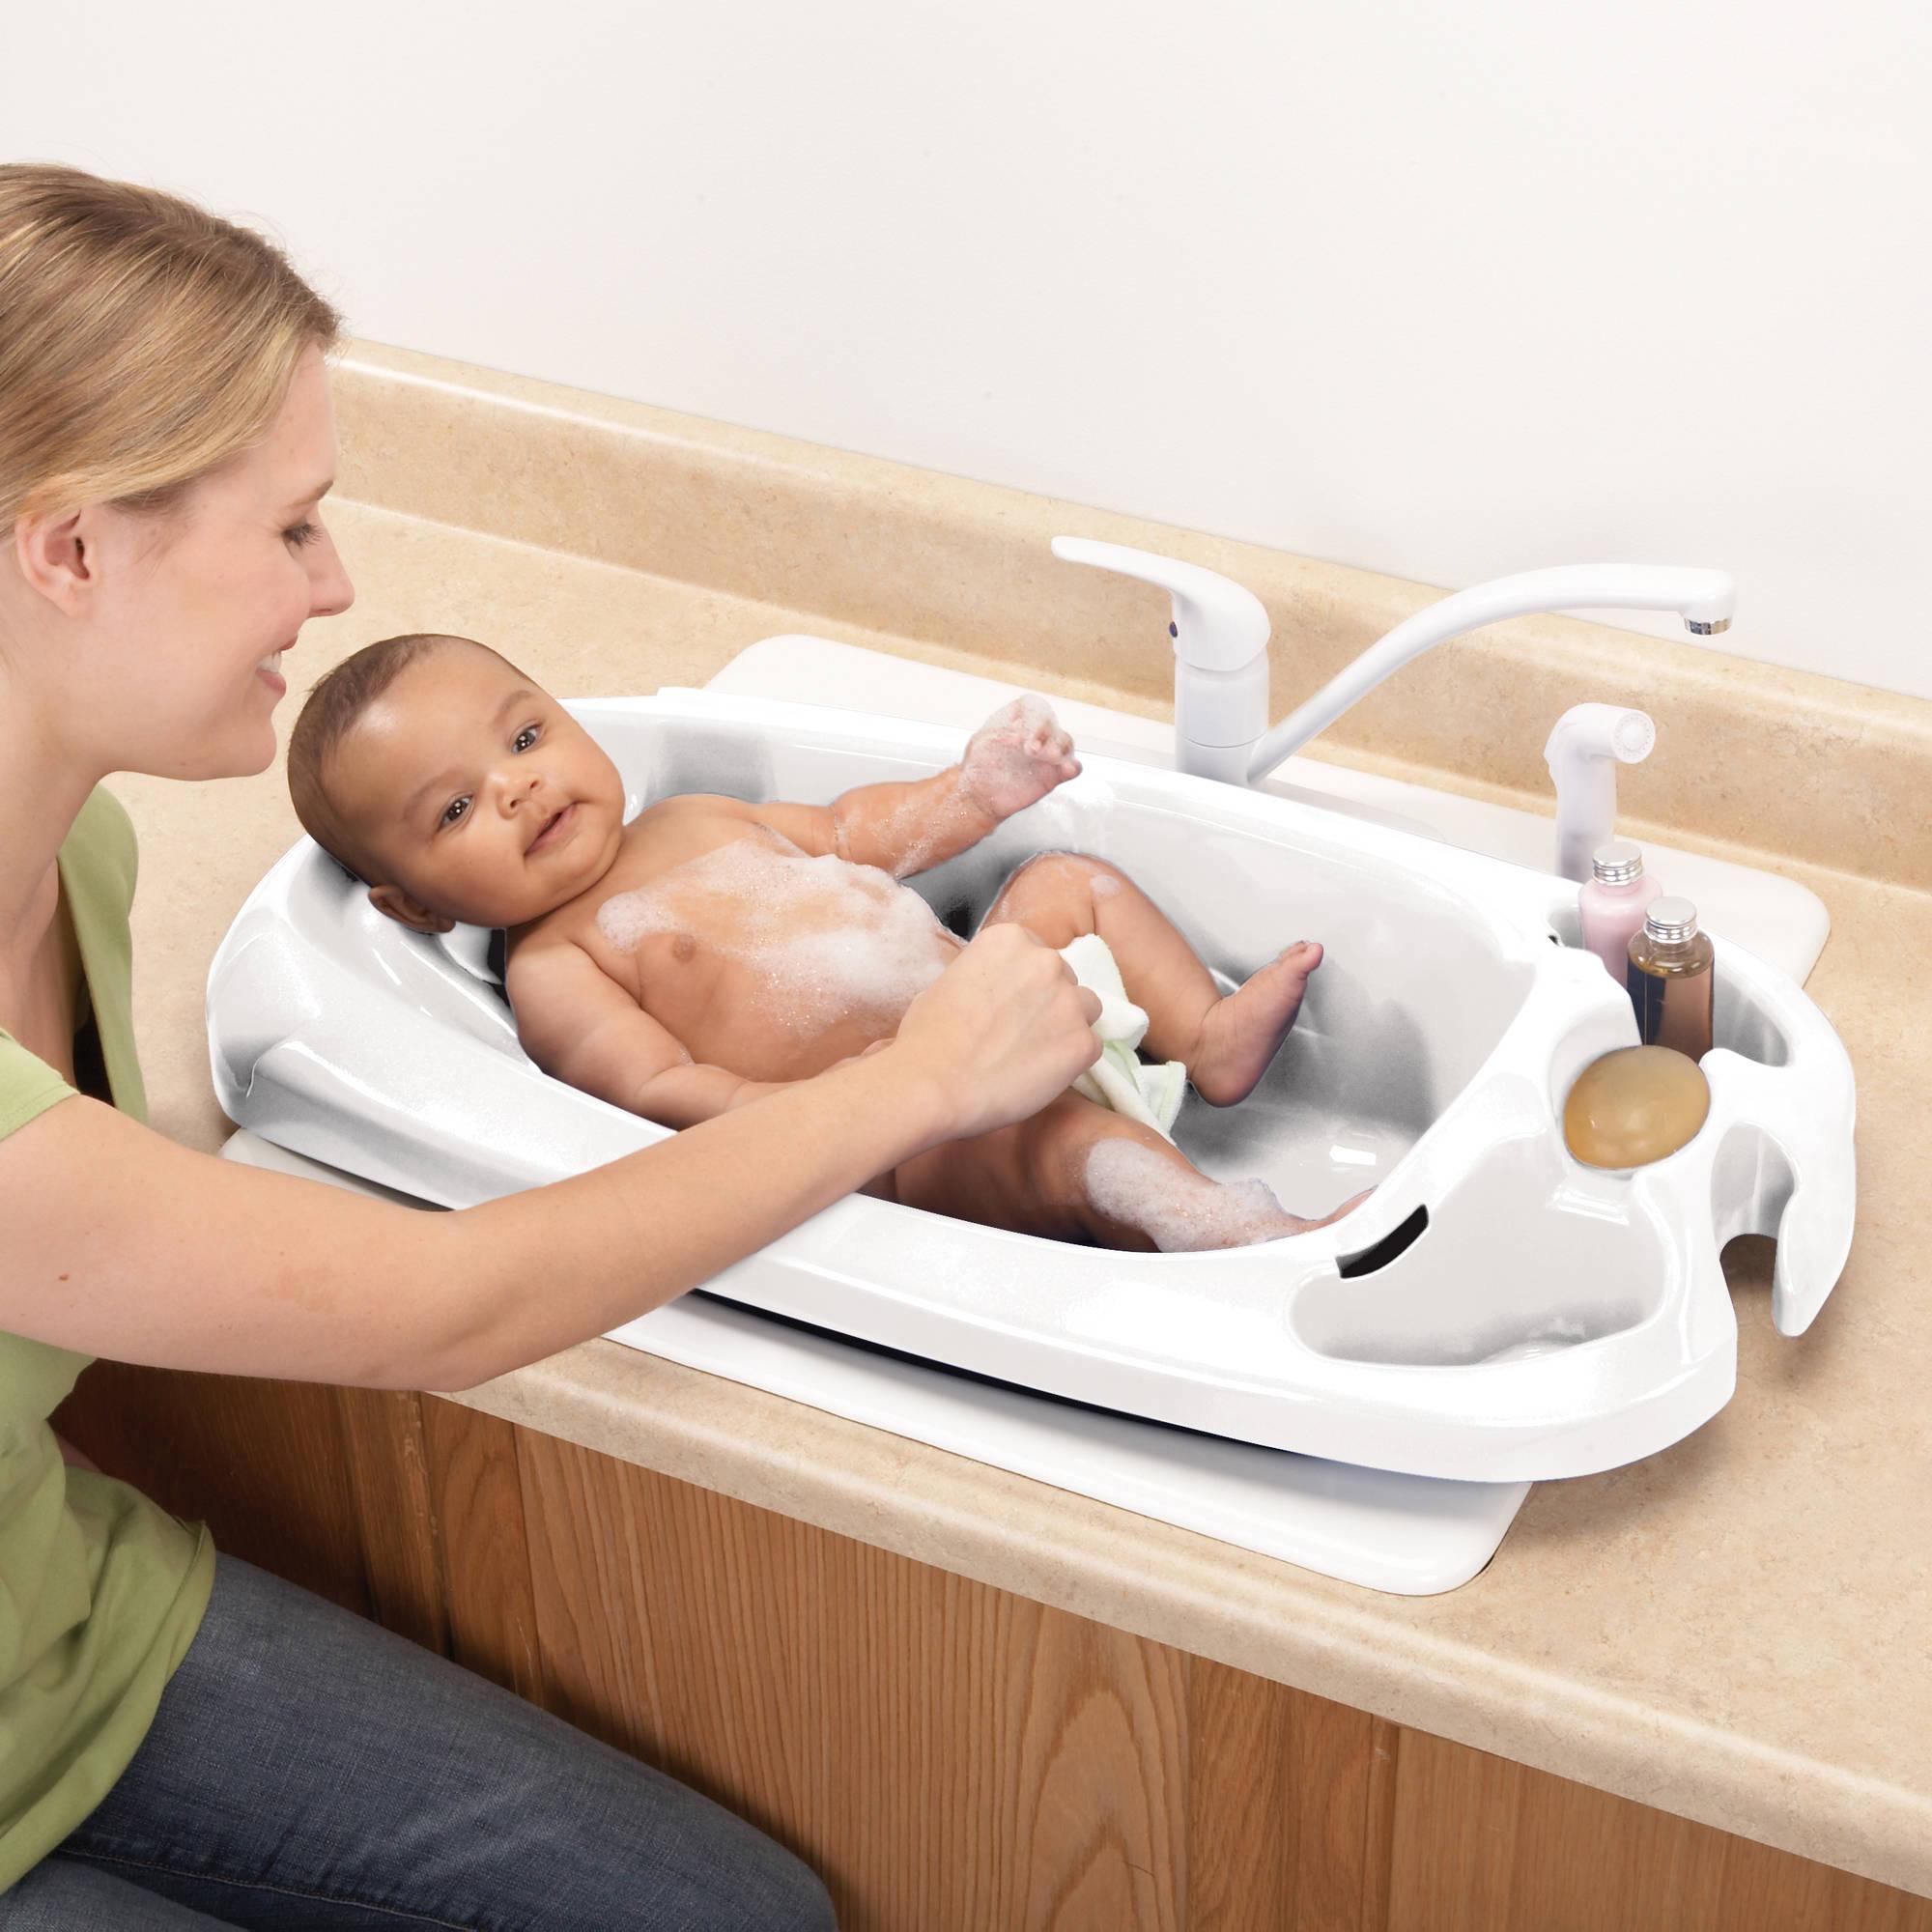 Safety 1st Newborn to Toddler Bath Tub, White